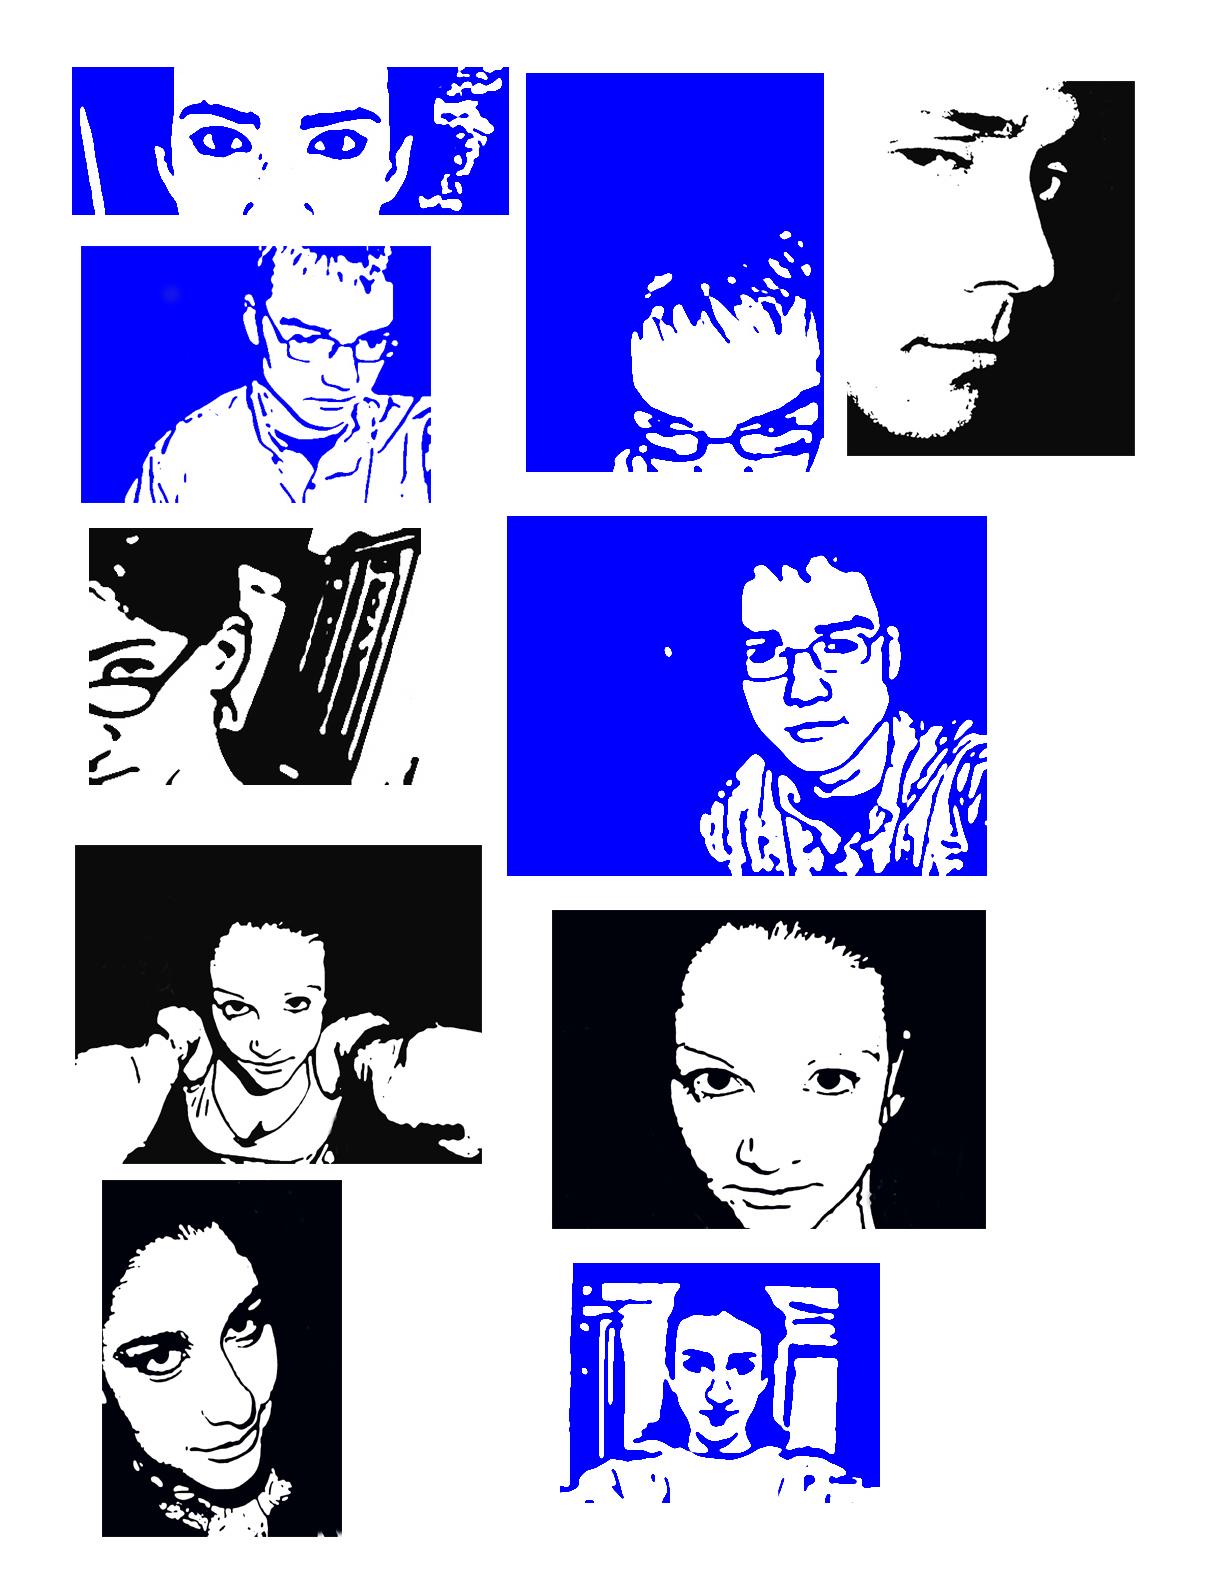 stencilthumb1.jpg